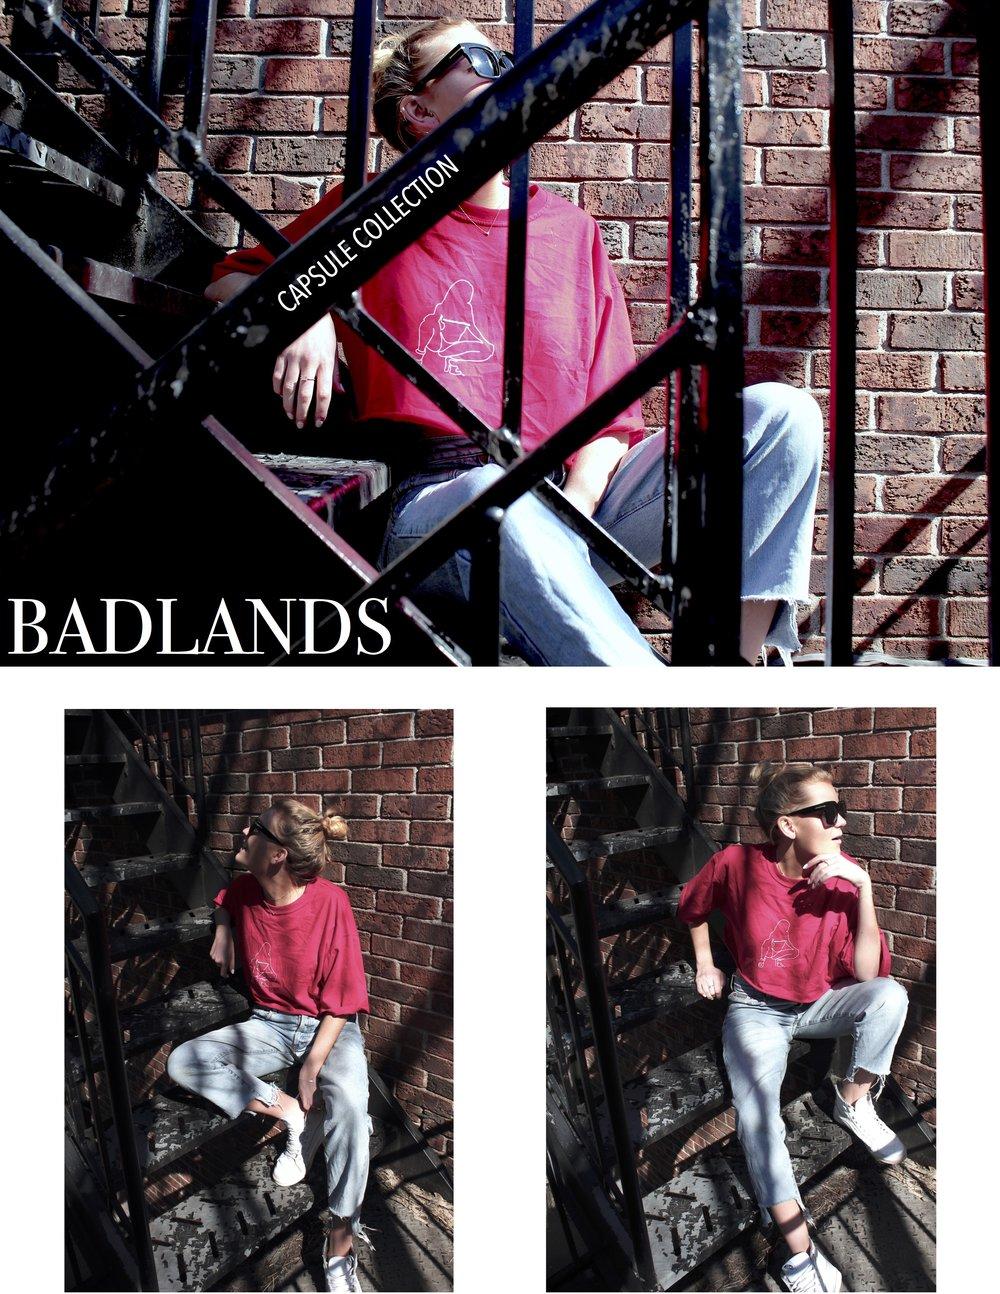 badlands-vintage-montreal